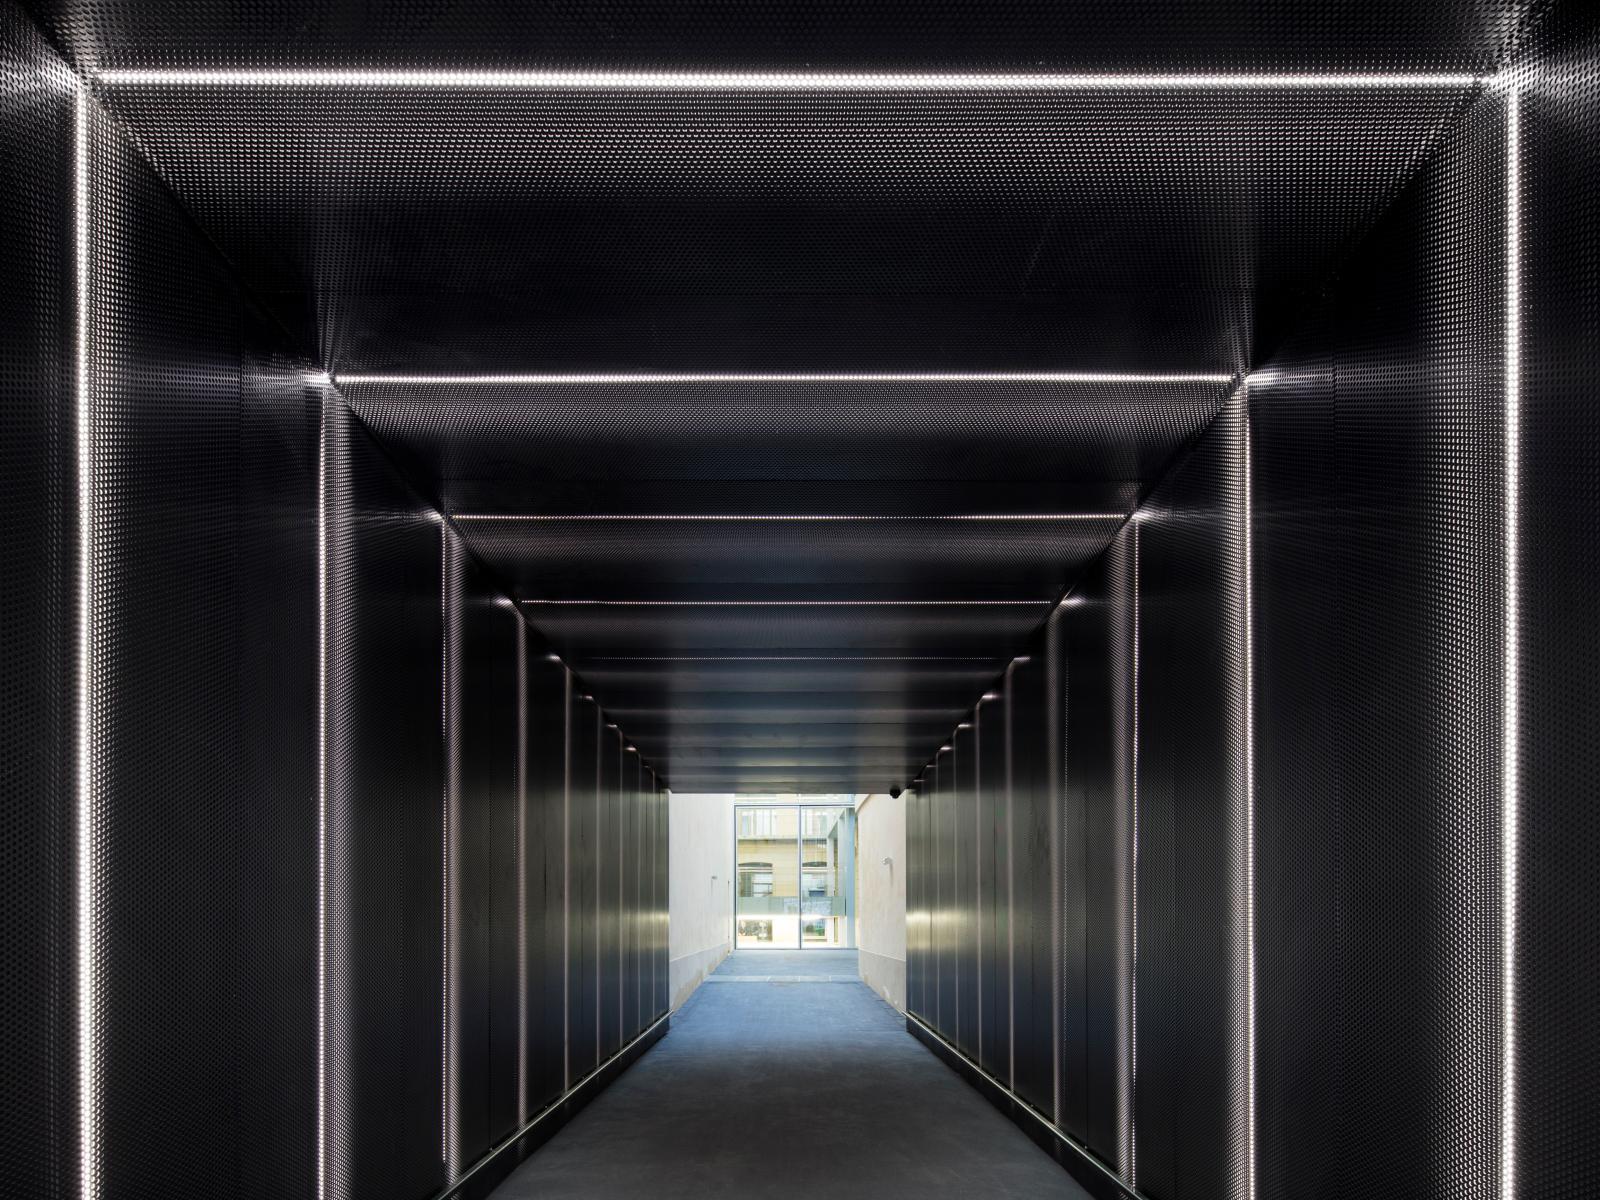 Le passage intérieur, traversant le bâtiment.